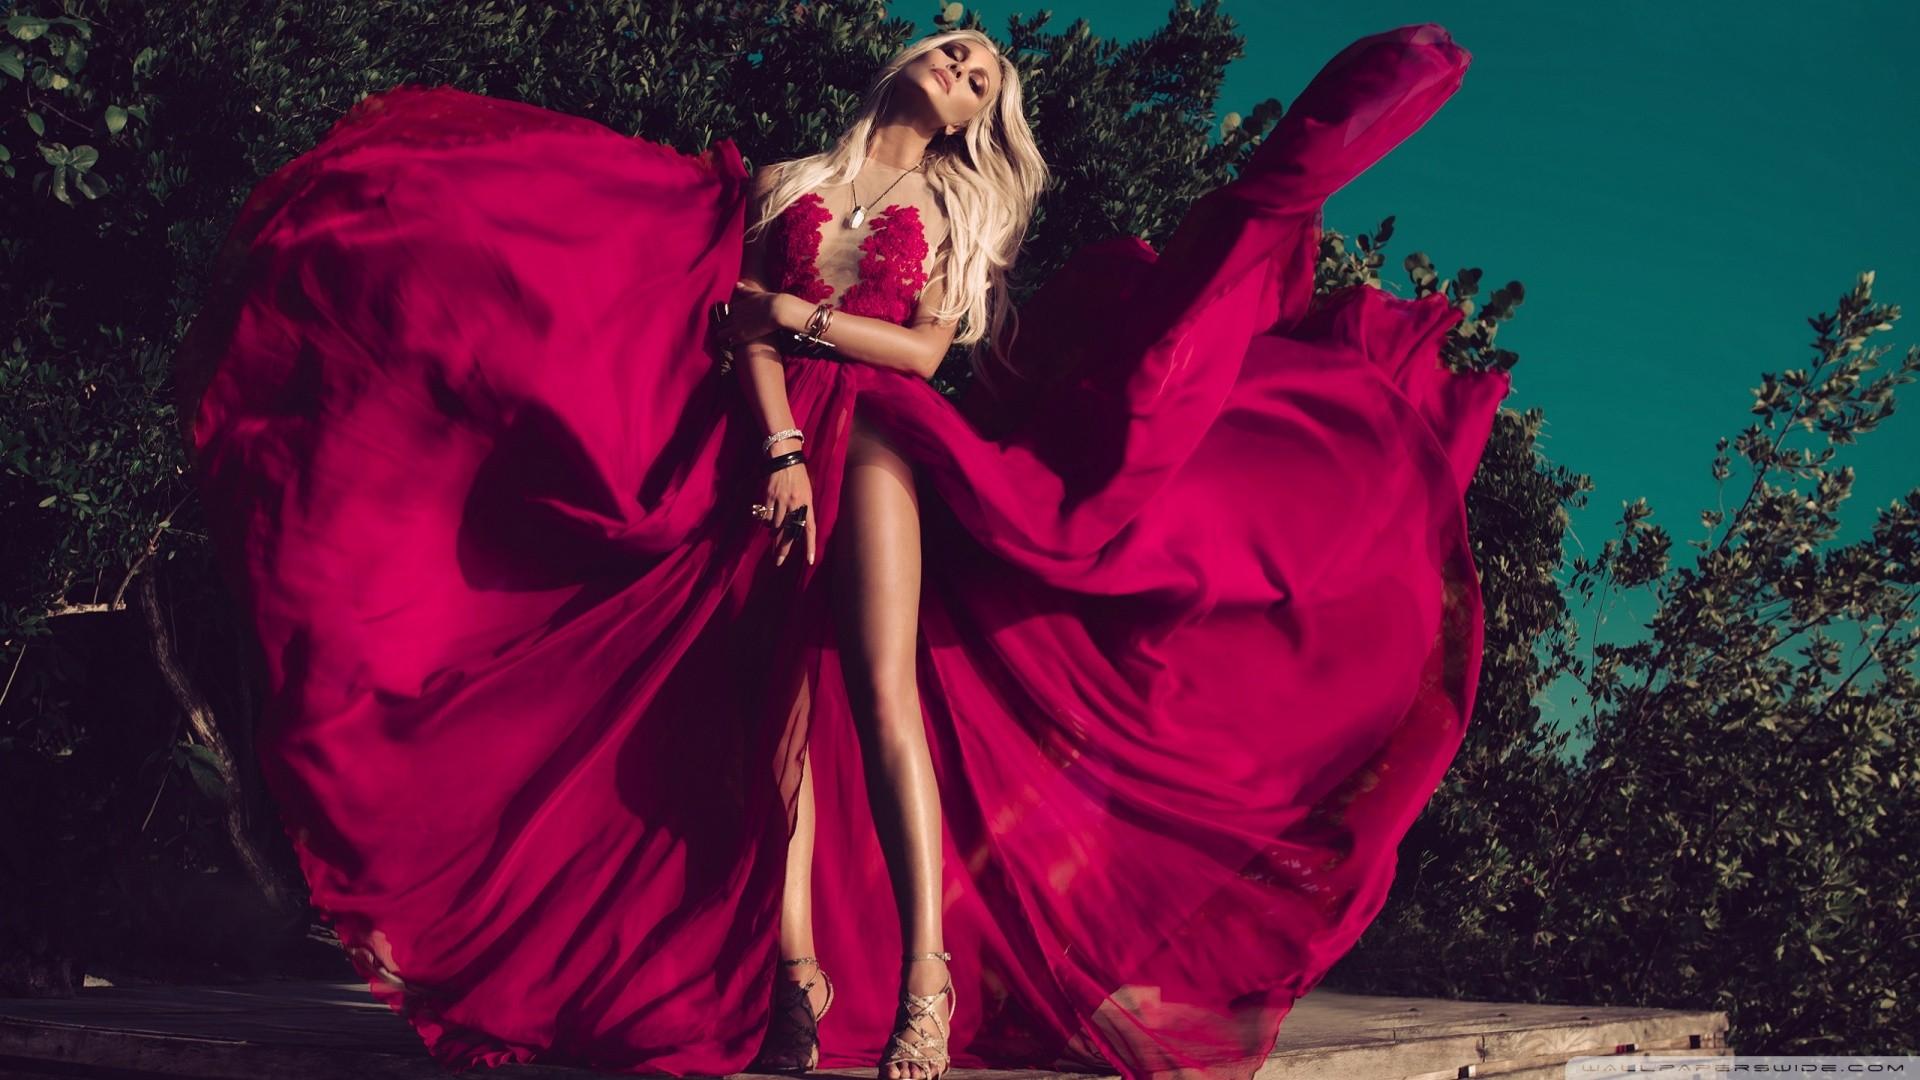 для тех, платья красные розовые картинки поддерживает порядок всем